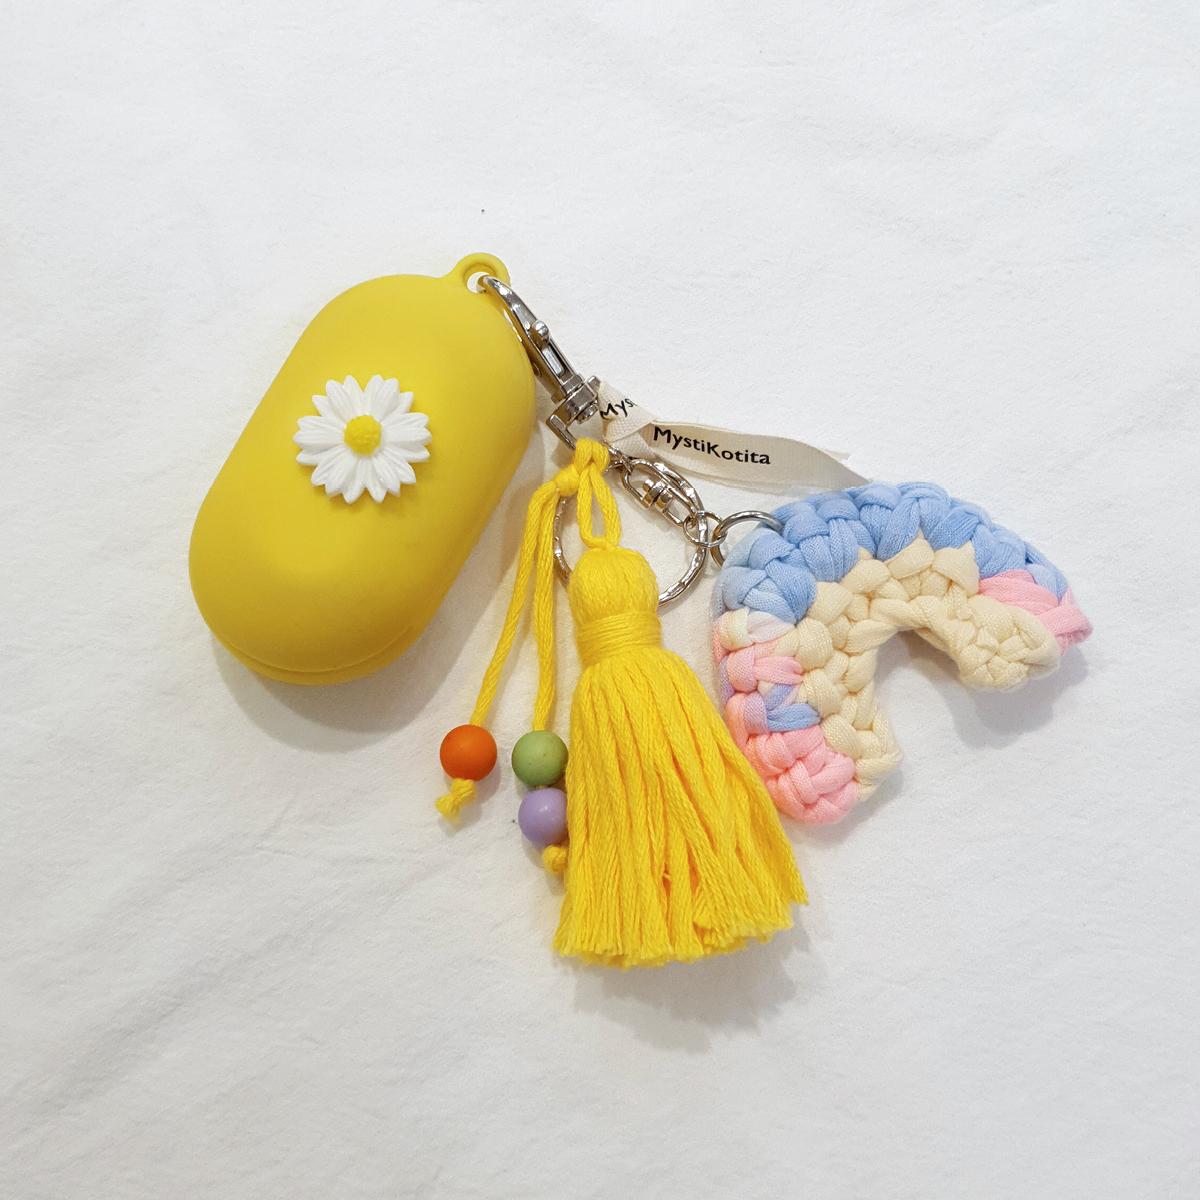 [DIY] 레인보우키링 - 태슬